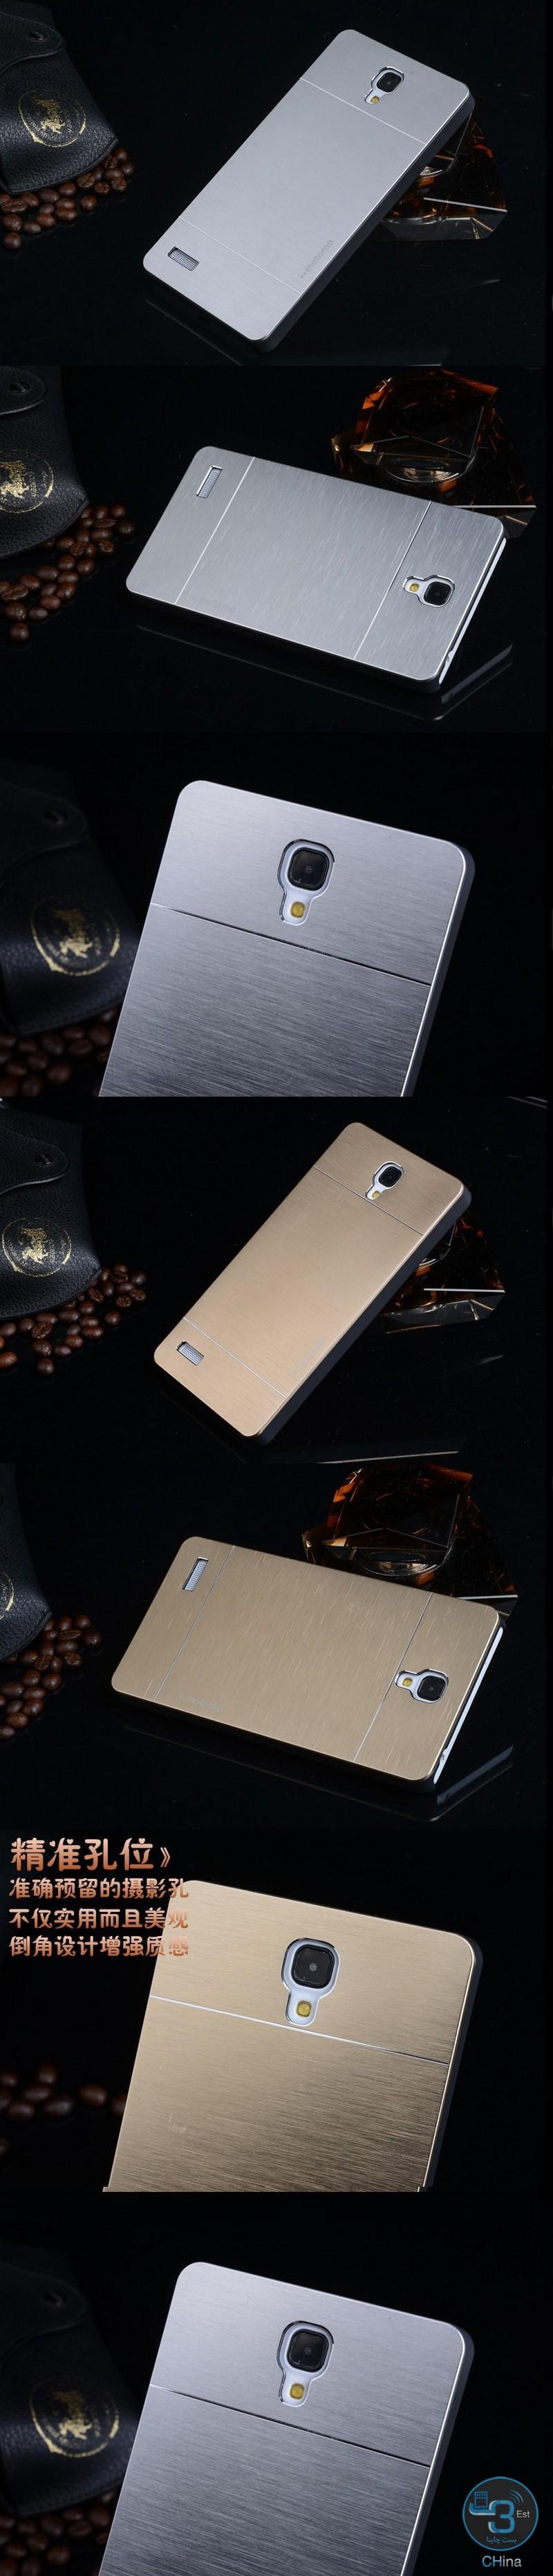 xiaomi mi4 aluminium back cover (2)